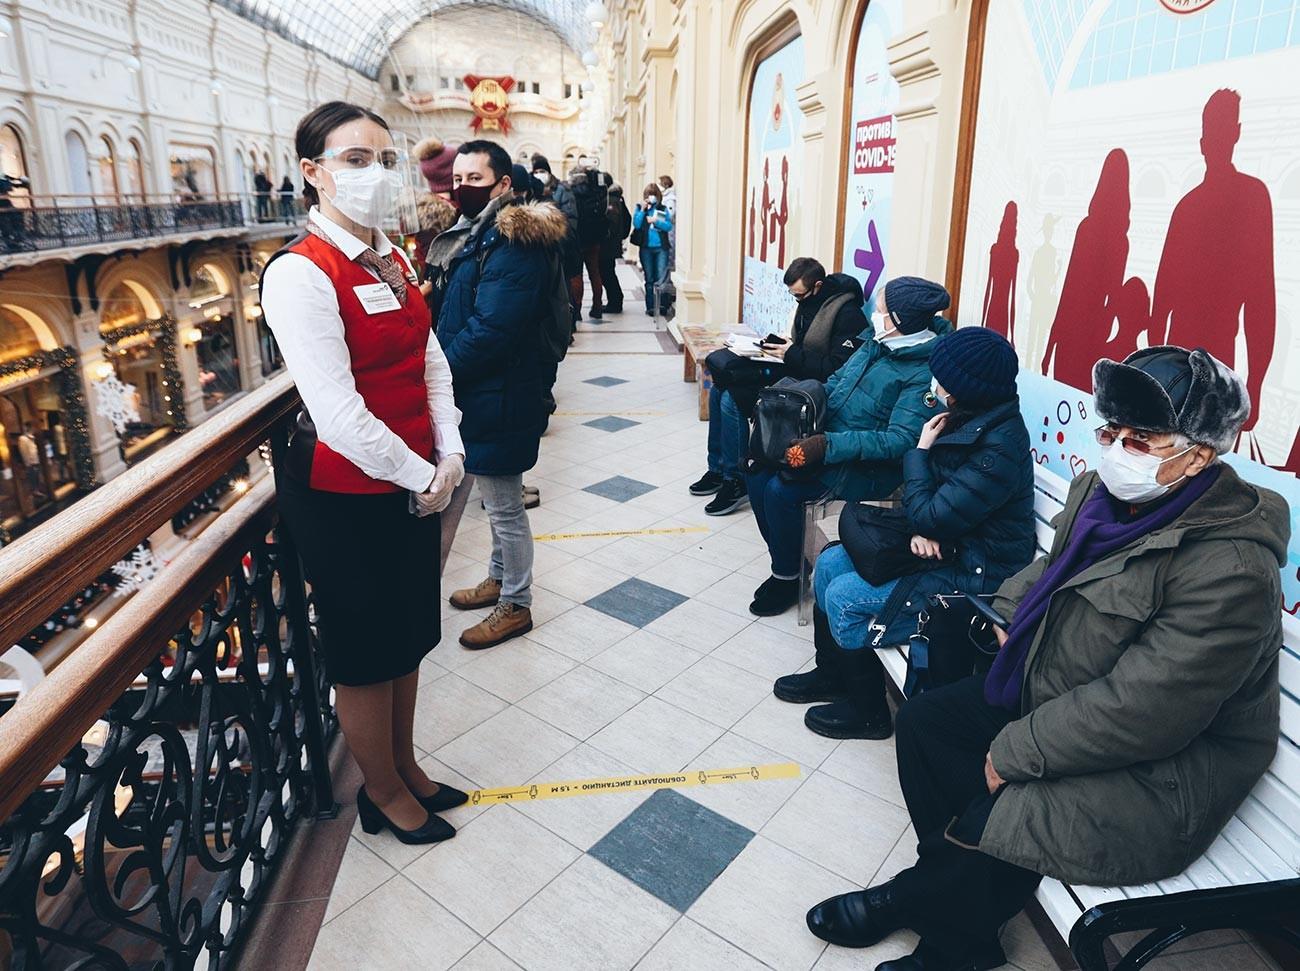 Das GUM-Kaufhaus auf dem Roten Platz